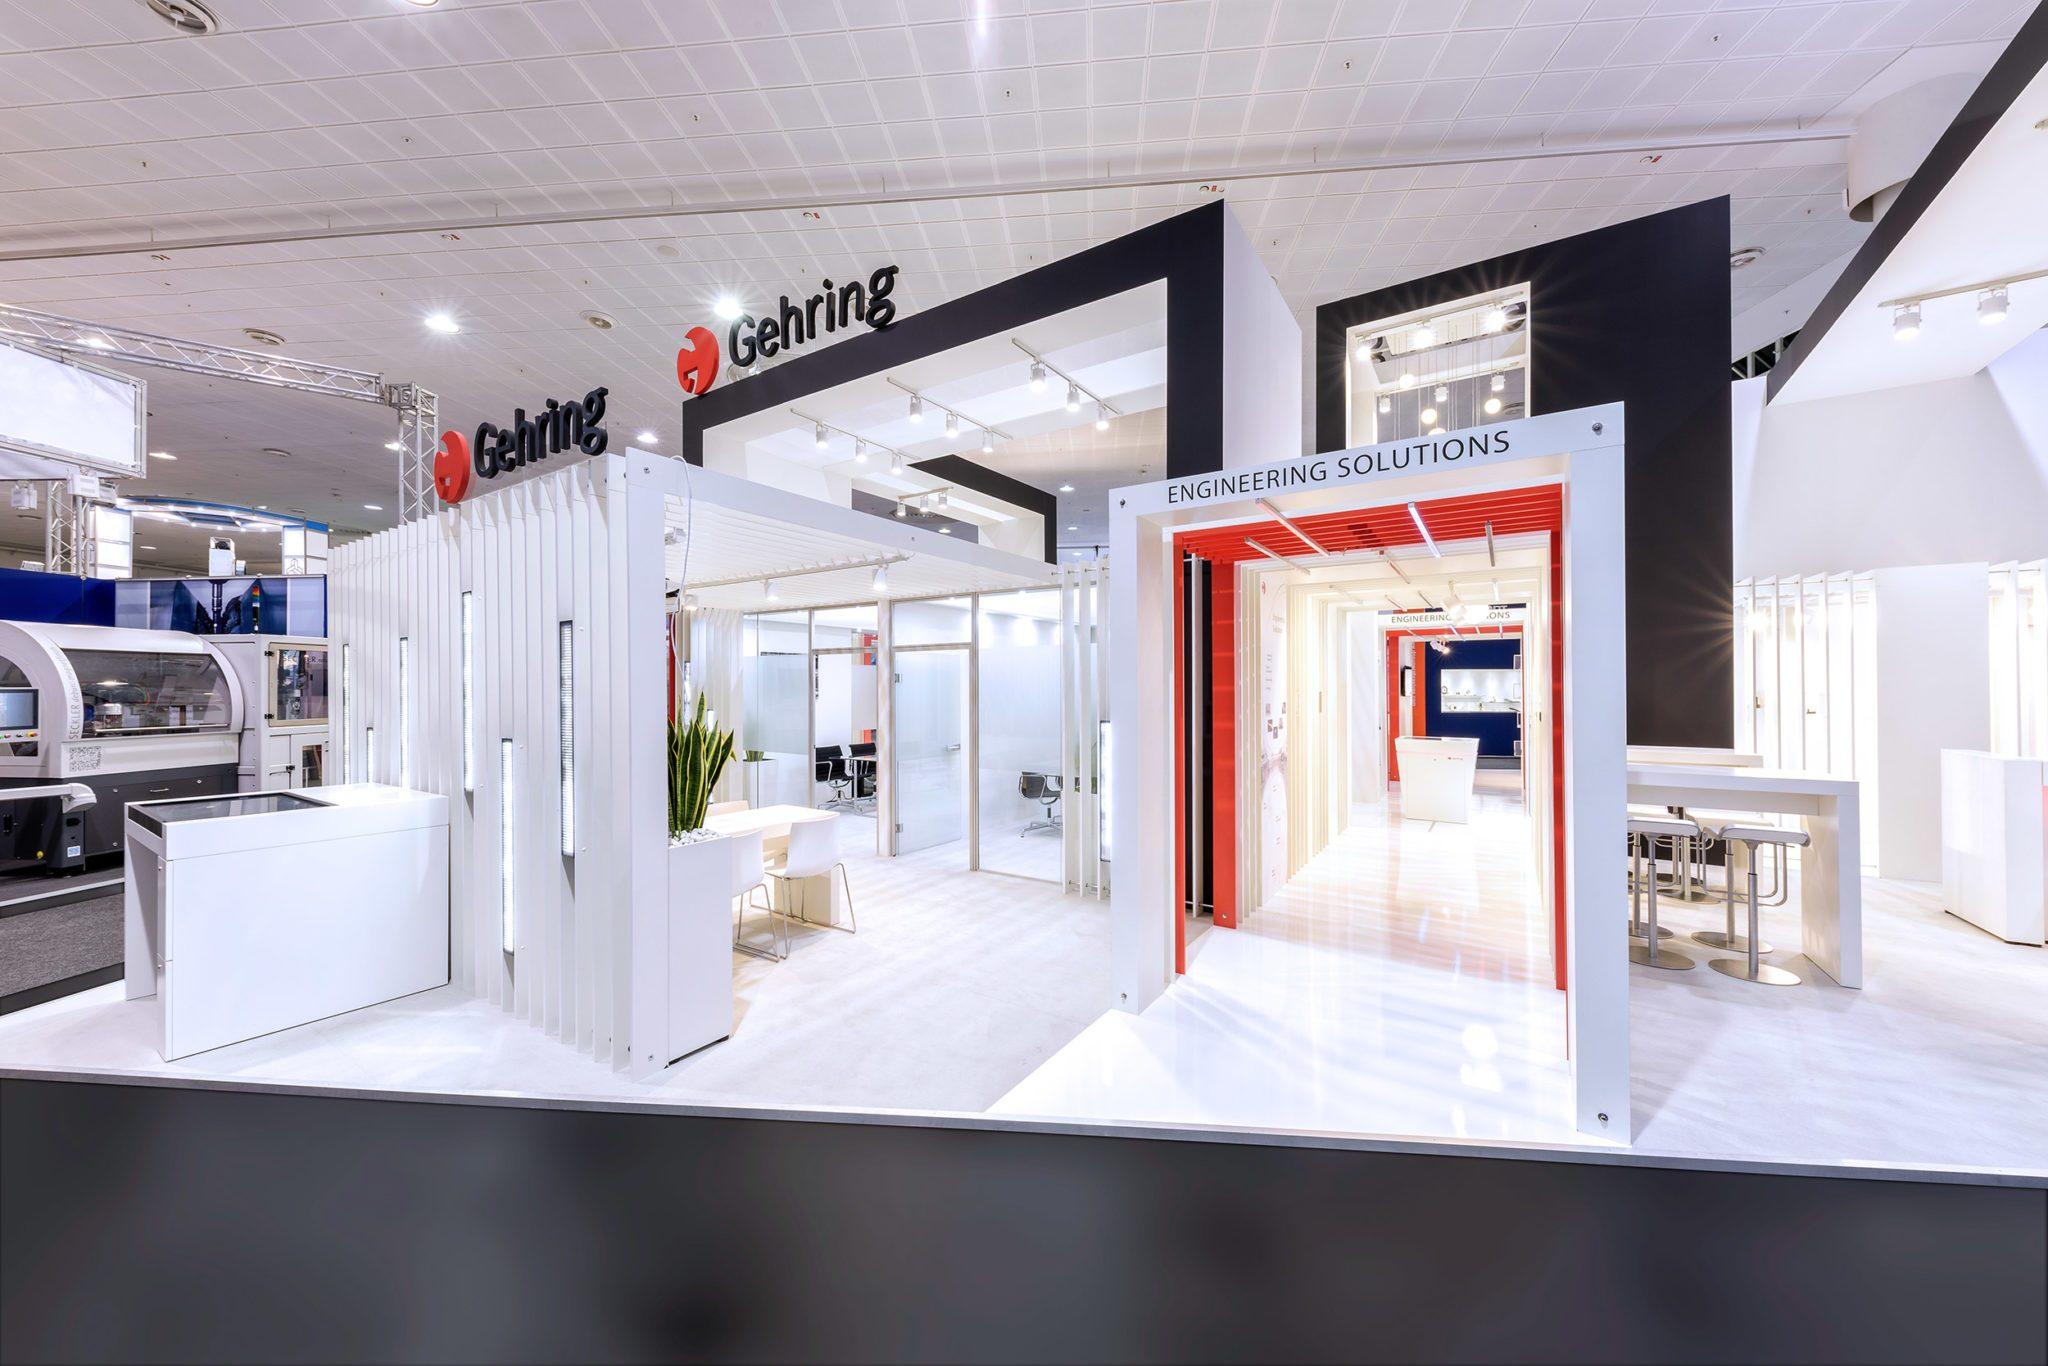 »Designing Business für Gehring Technologies – Neuer Markenraumauftritt für die EMO 2017«